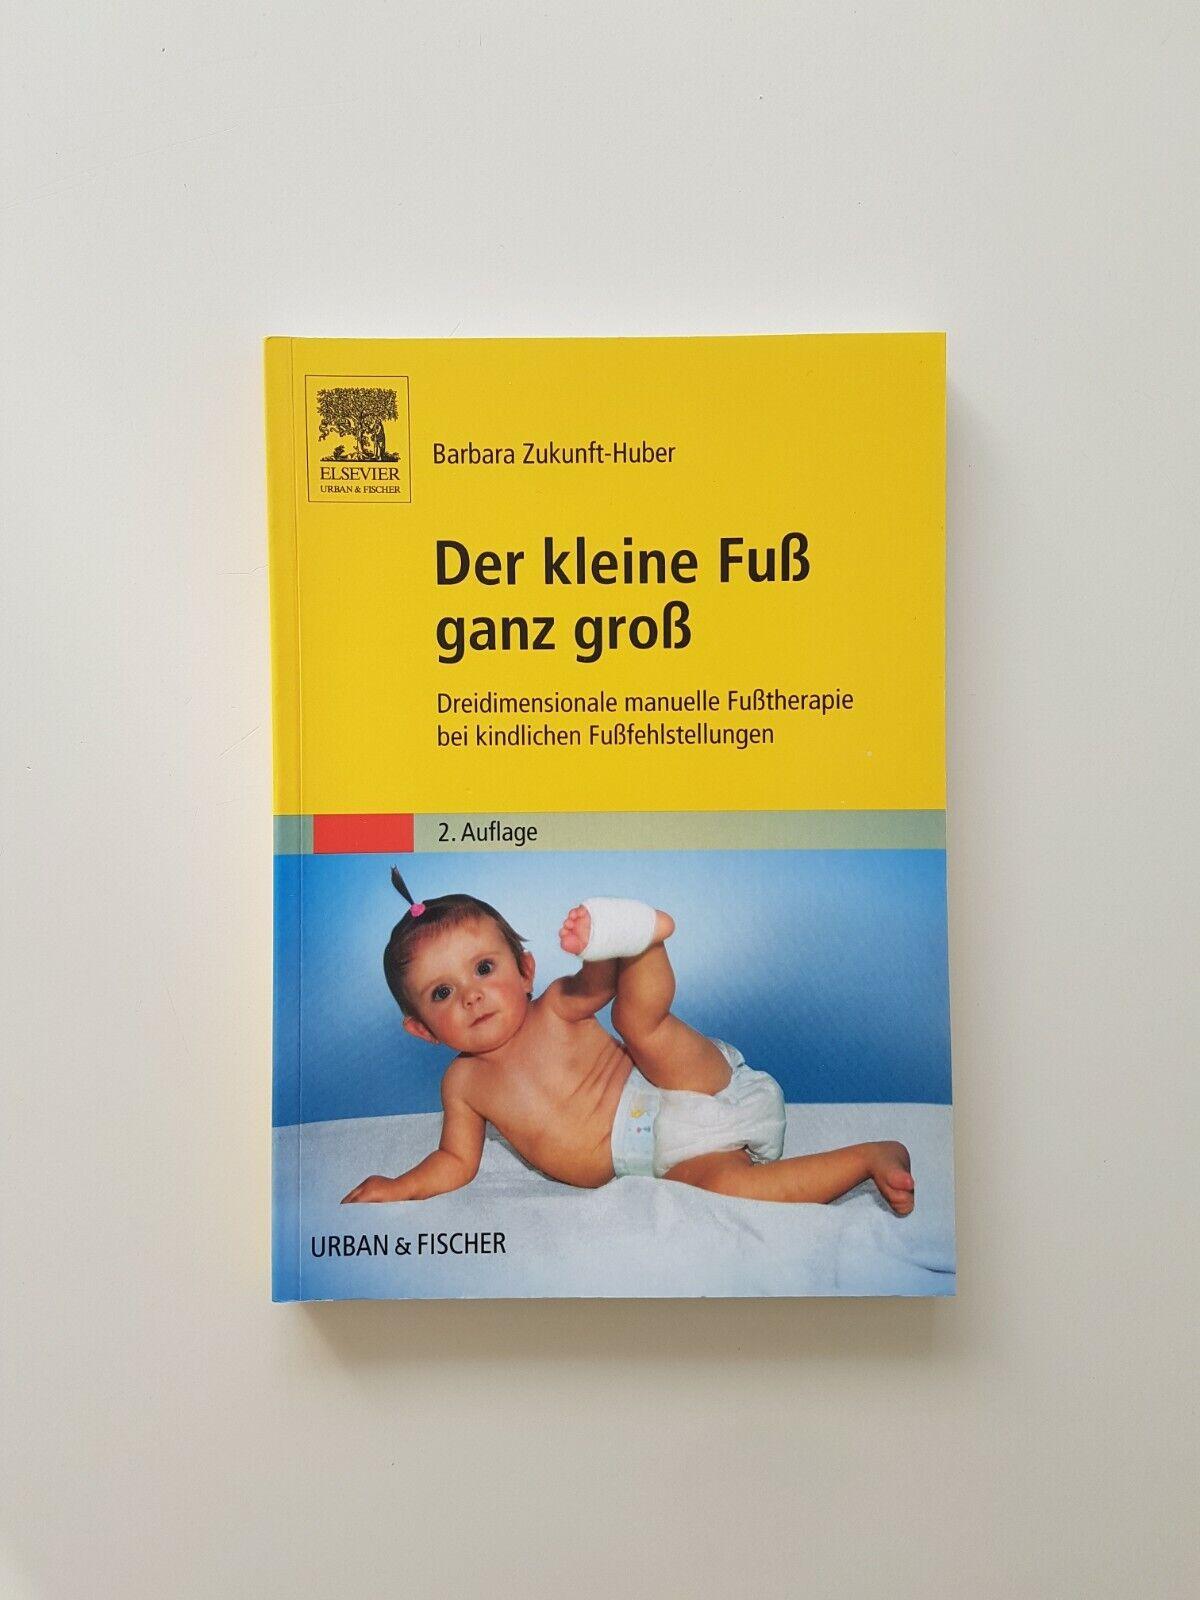 Der kleine Fuß ganz groß von Barbara Zukunft-Huber (2011, Taschenbuch) - Barbara Zukunft-Huber